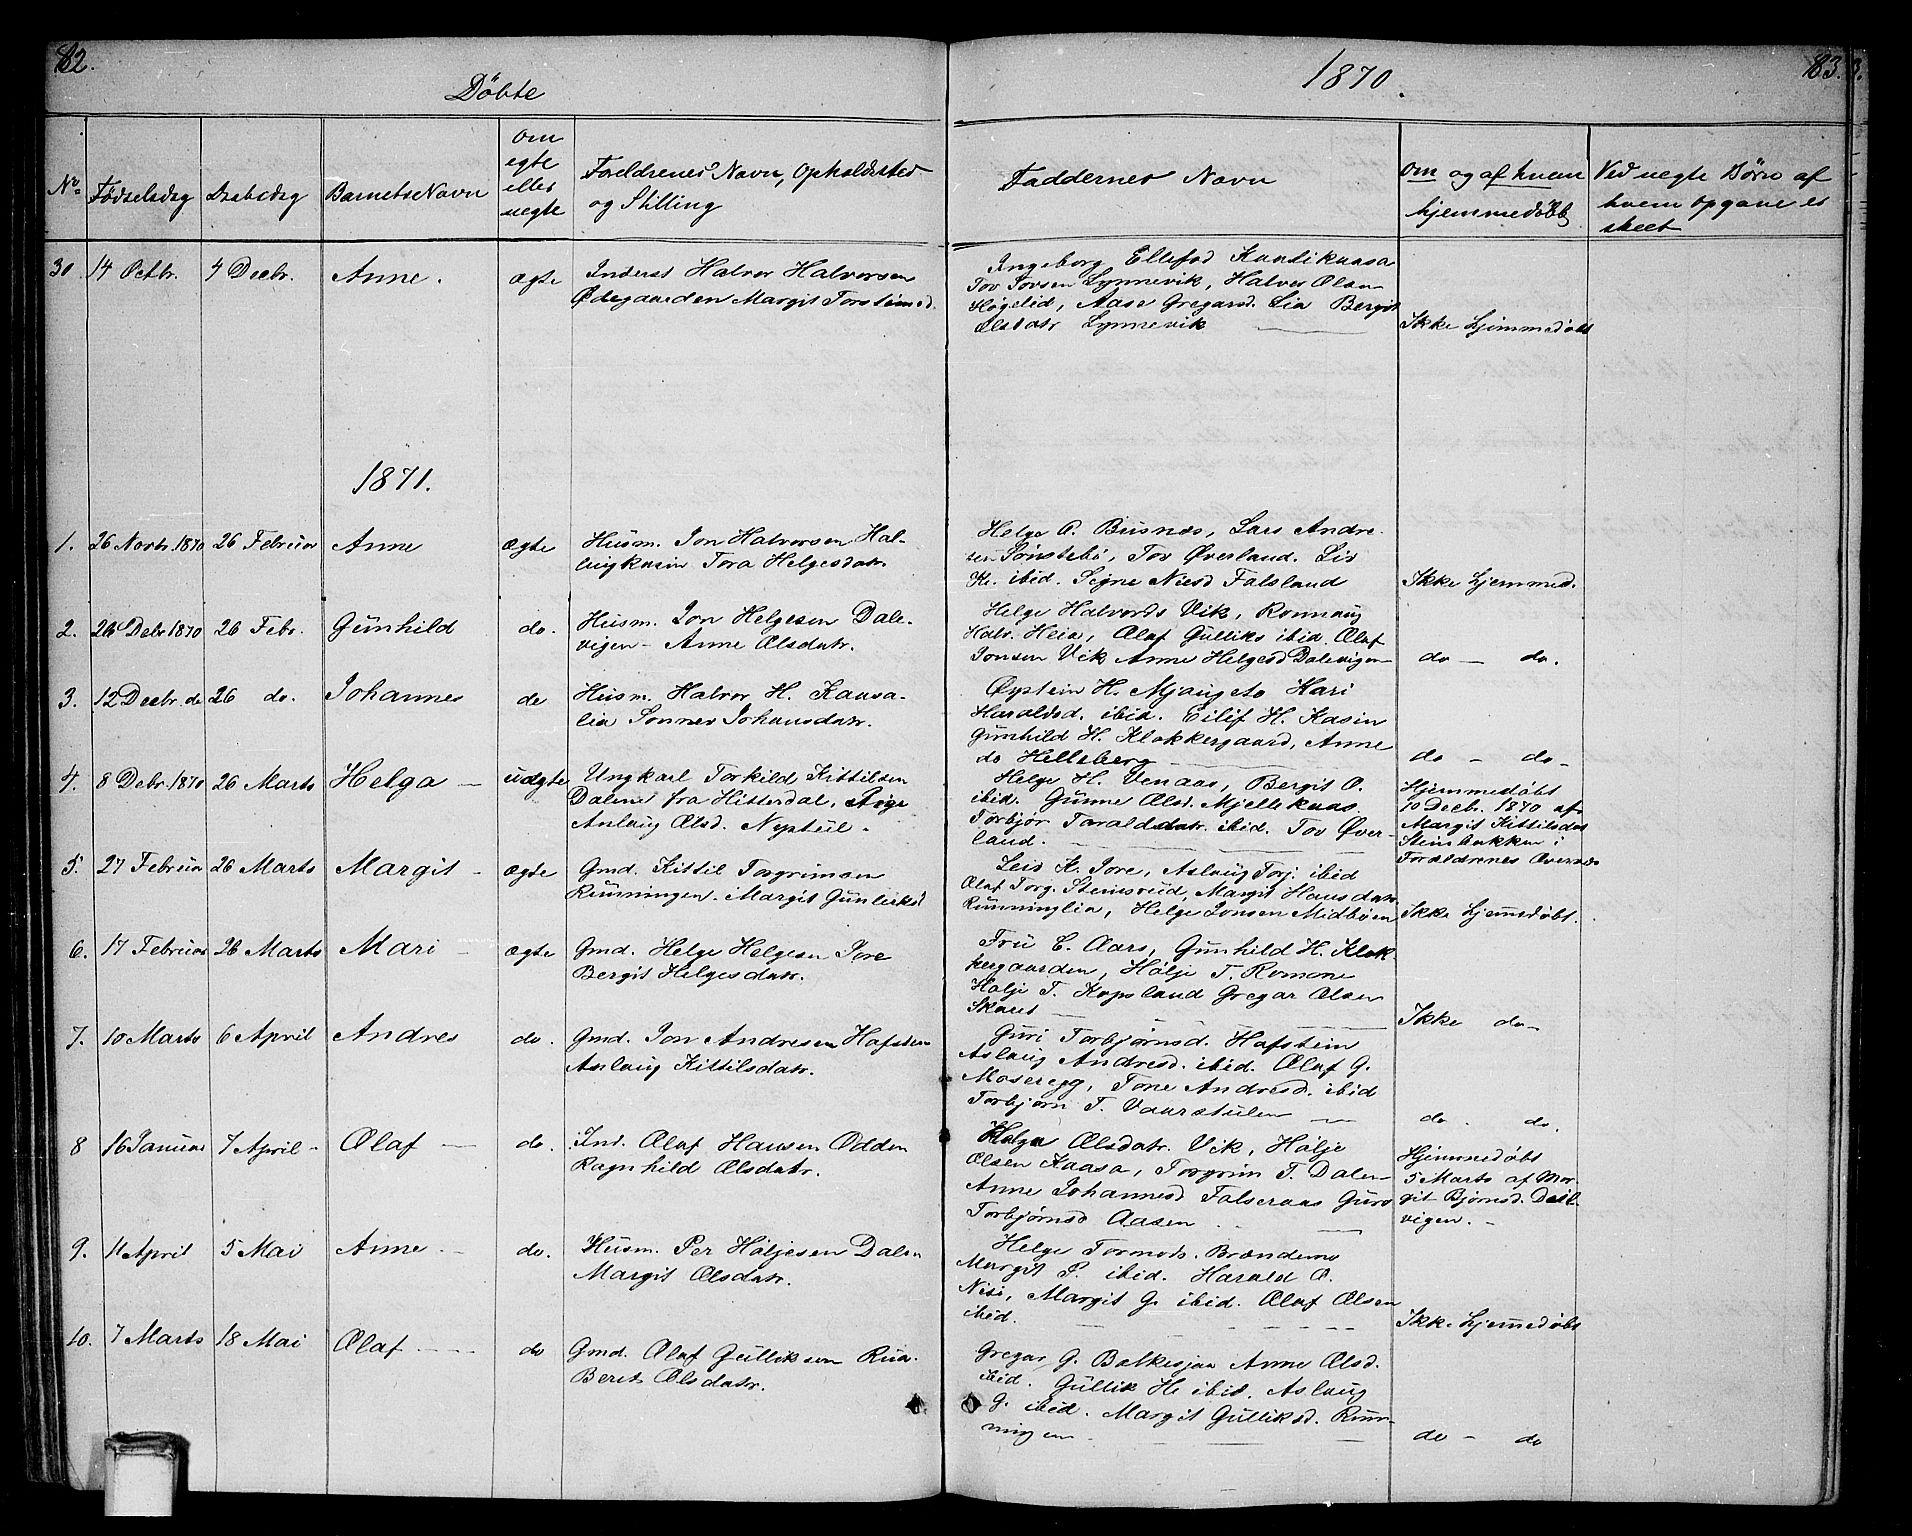 SAKO, Gransherad kirkebøker, G/Ga/L0002: Klokkerbok nr. I 2, 1854-1886, s. 82-83